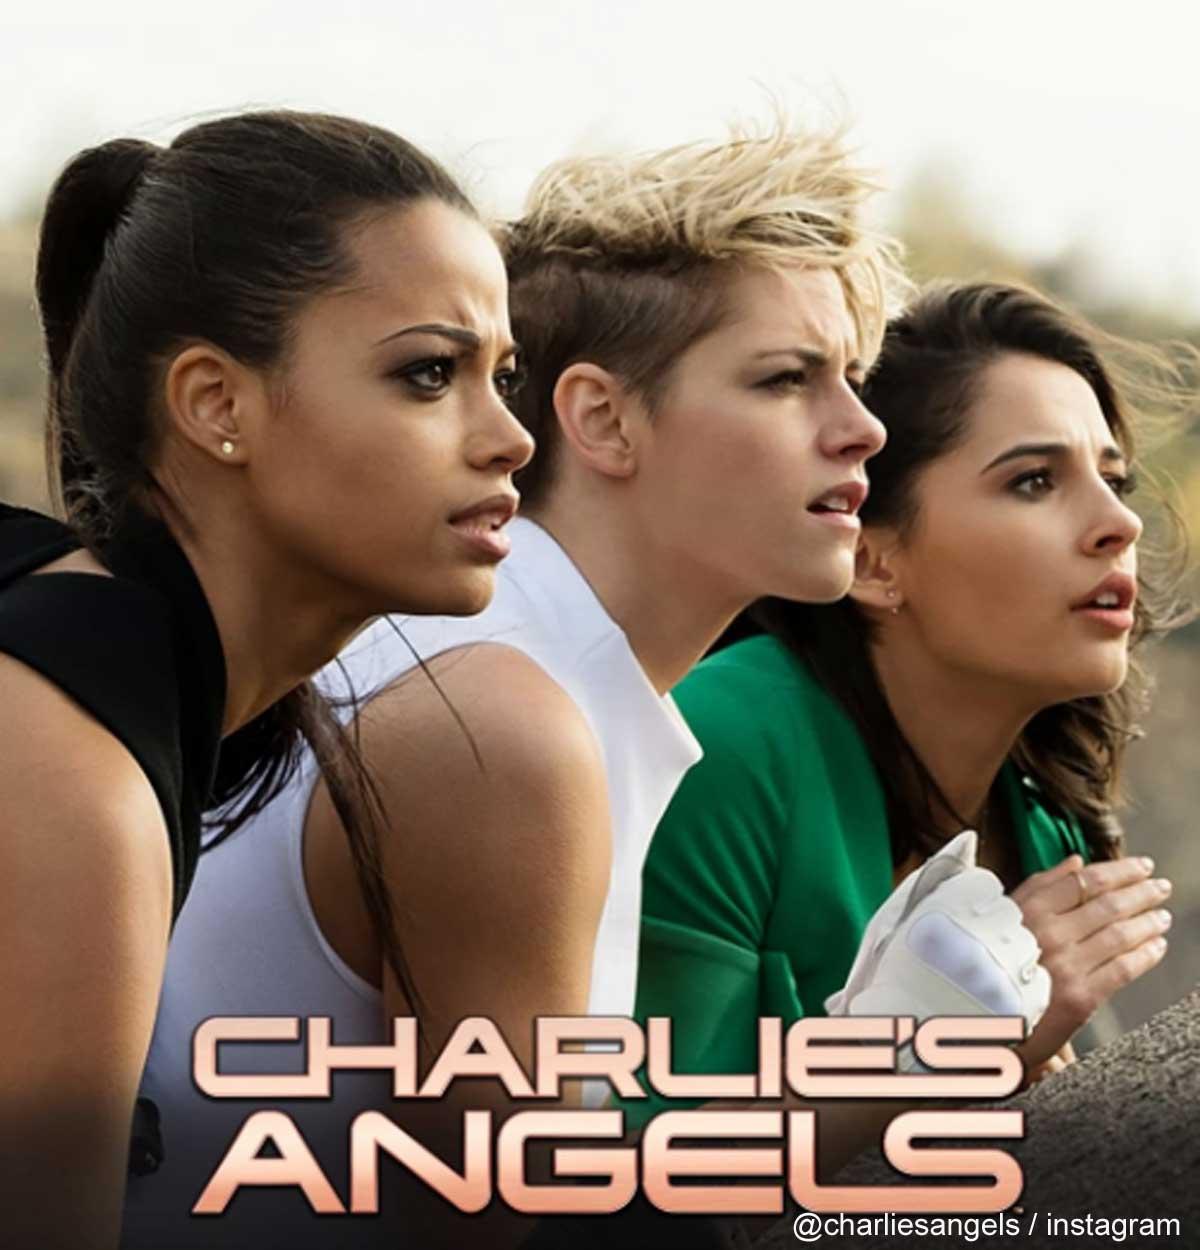 エンジェル 2019 チャーリーズ 新生『チャーリーズ・エンジェル』に向け、歴代エンジェルを総チェック